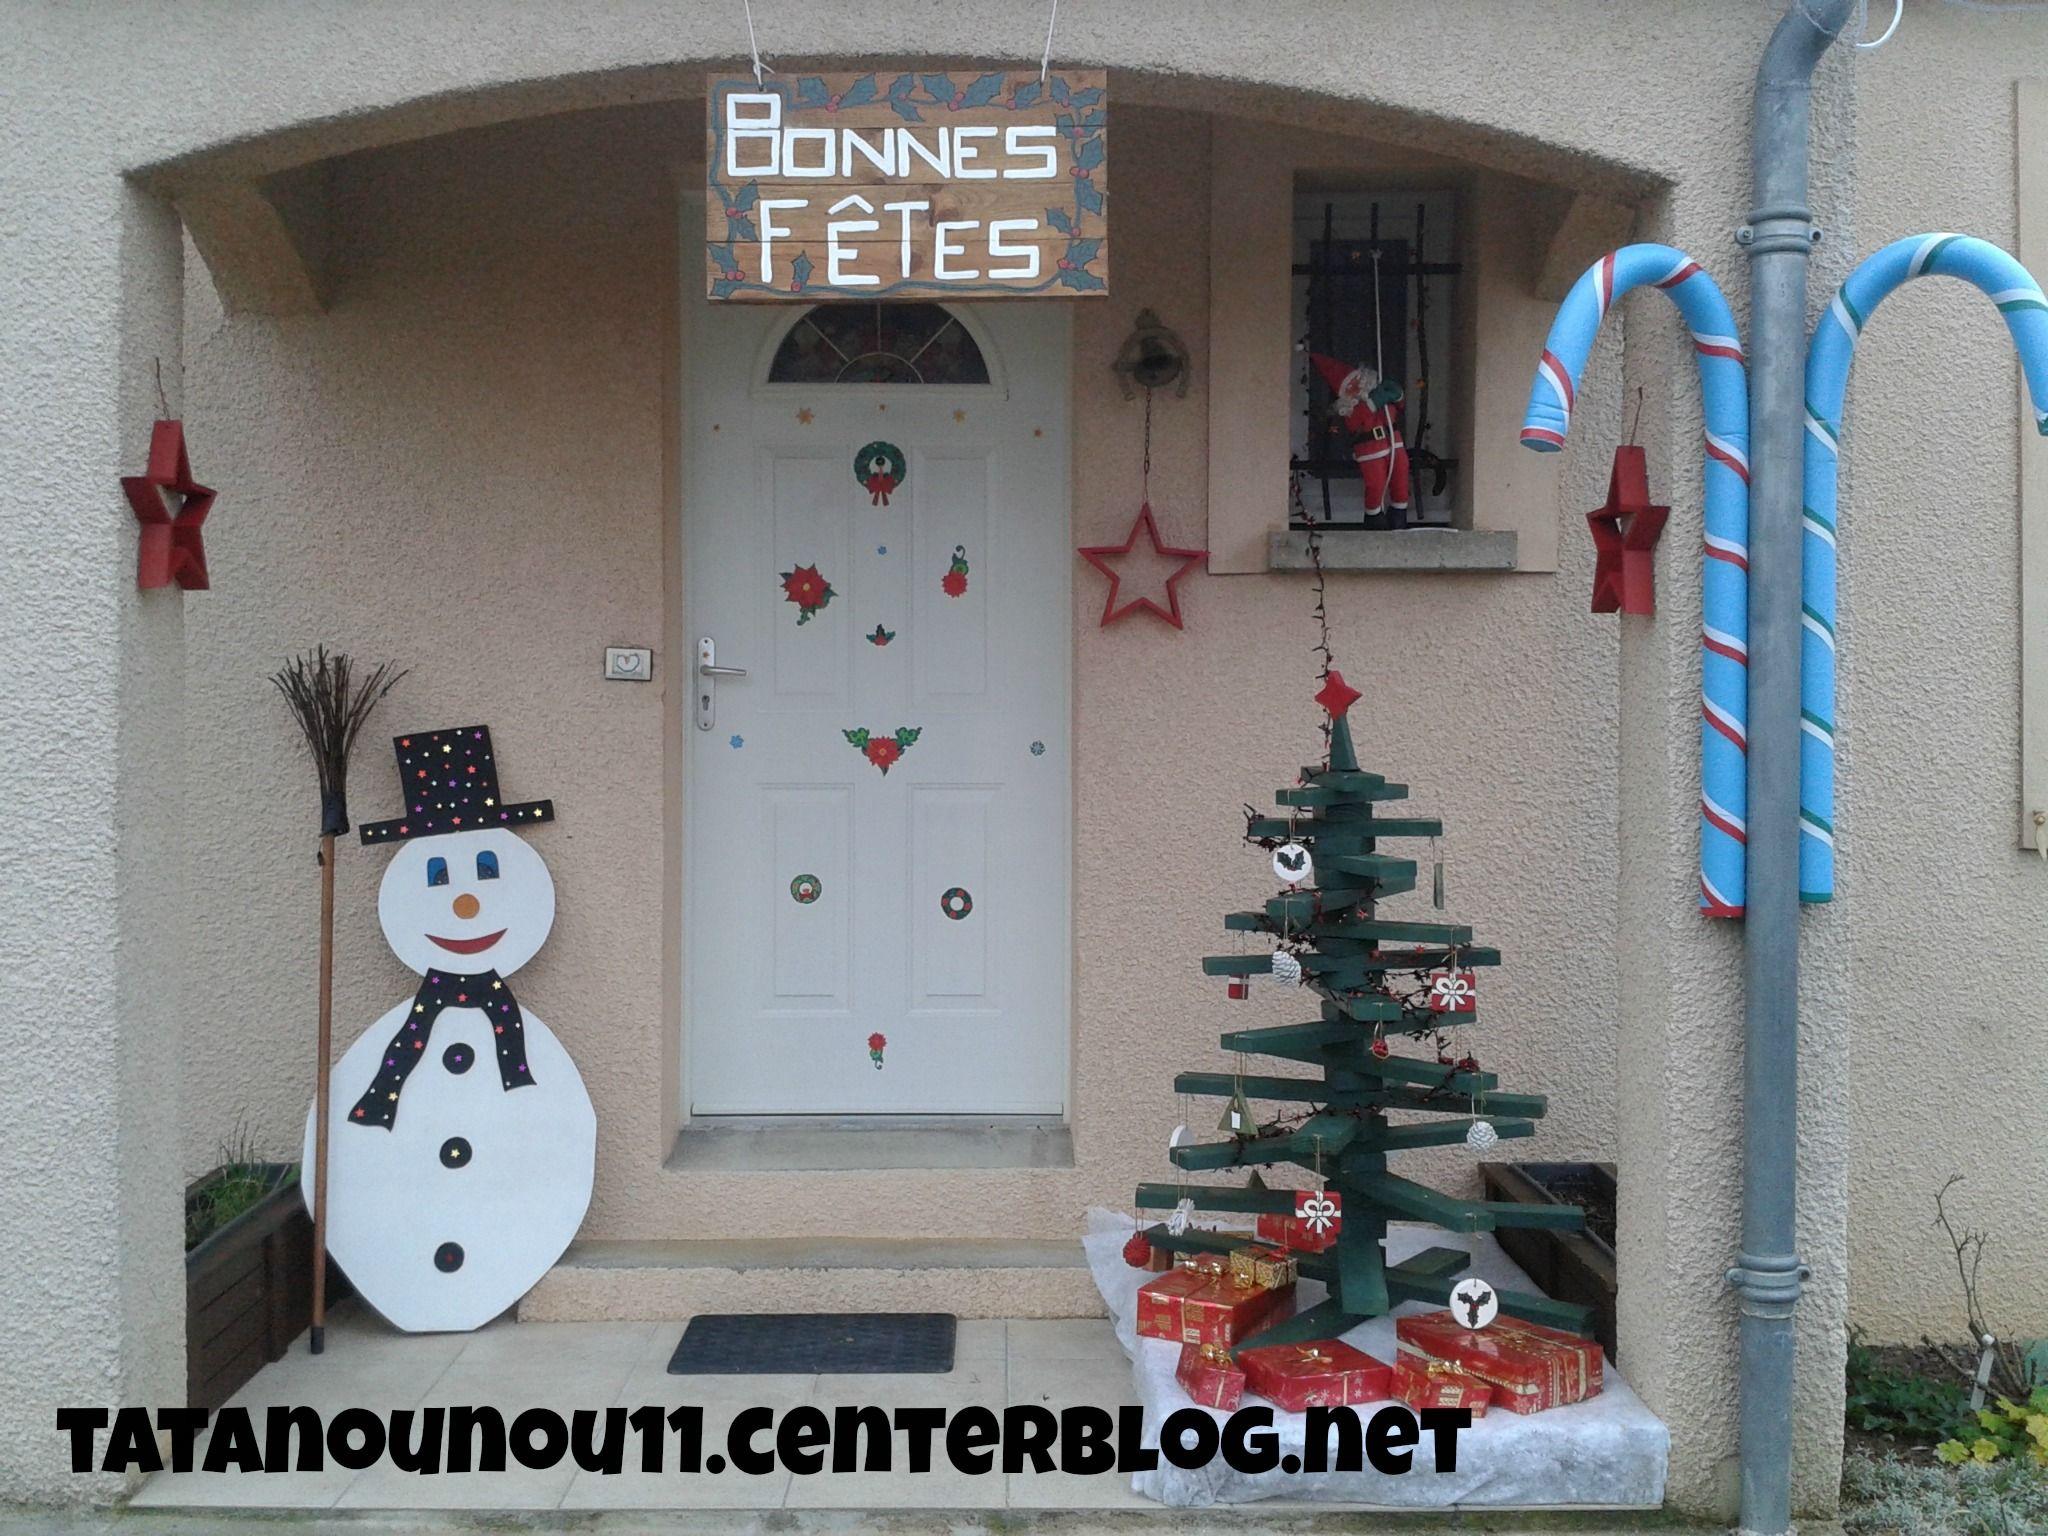 Decoration exterieur noel 2015 for Noel decoration exterieur